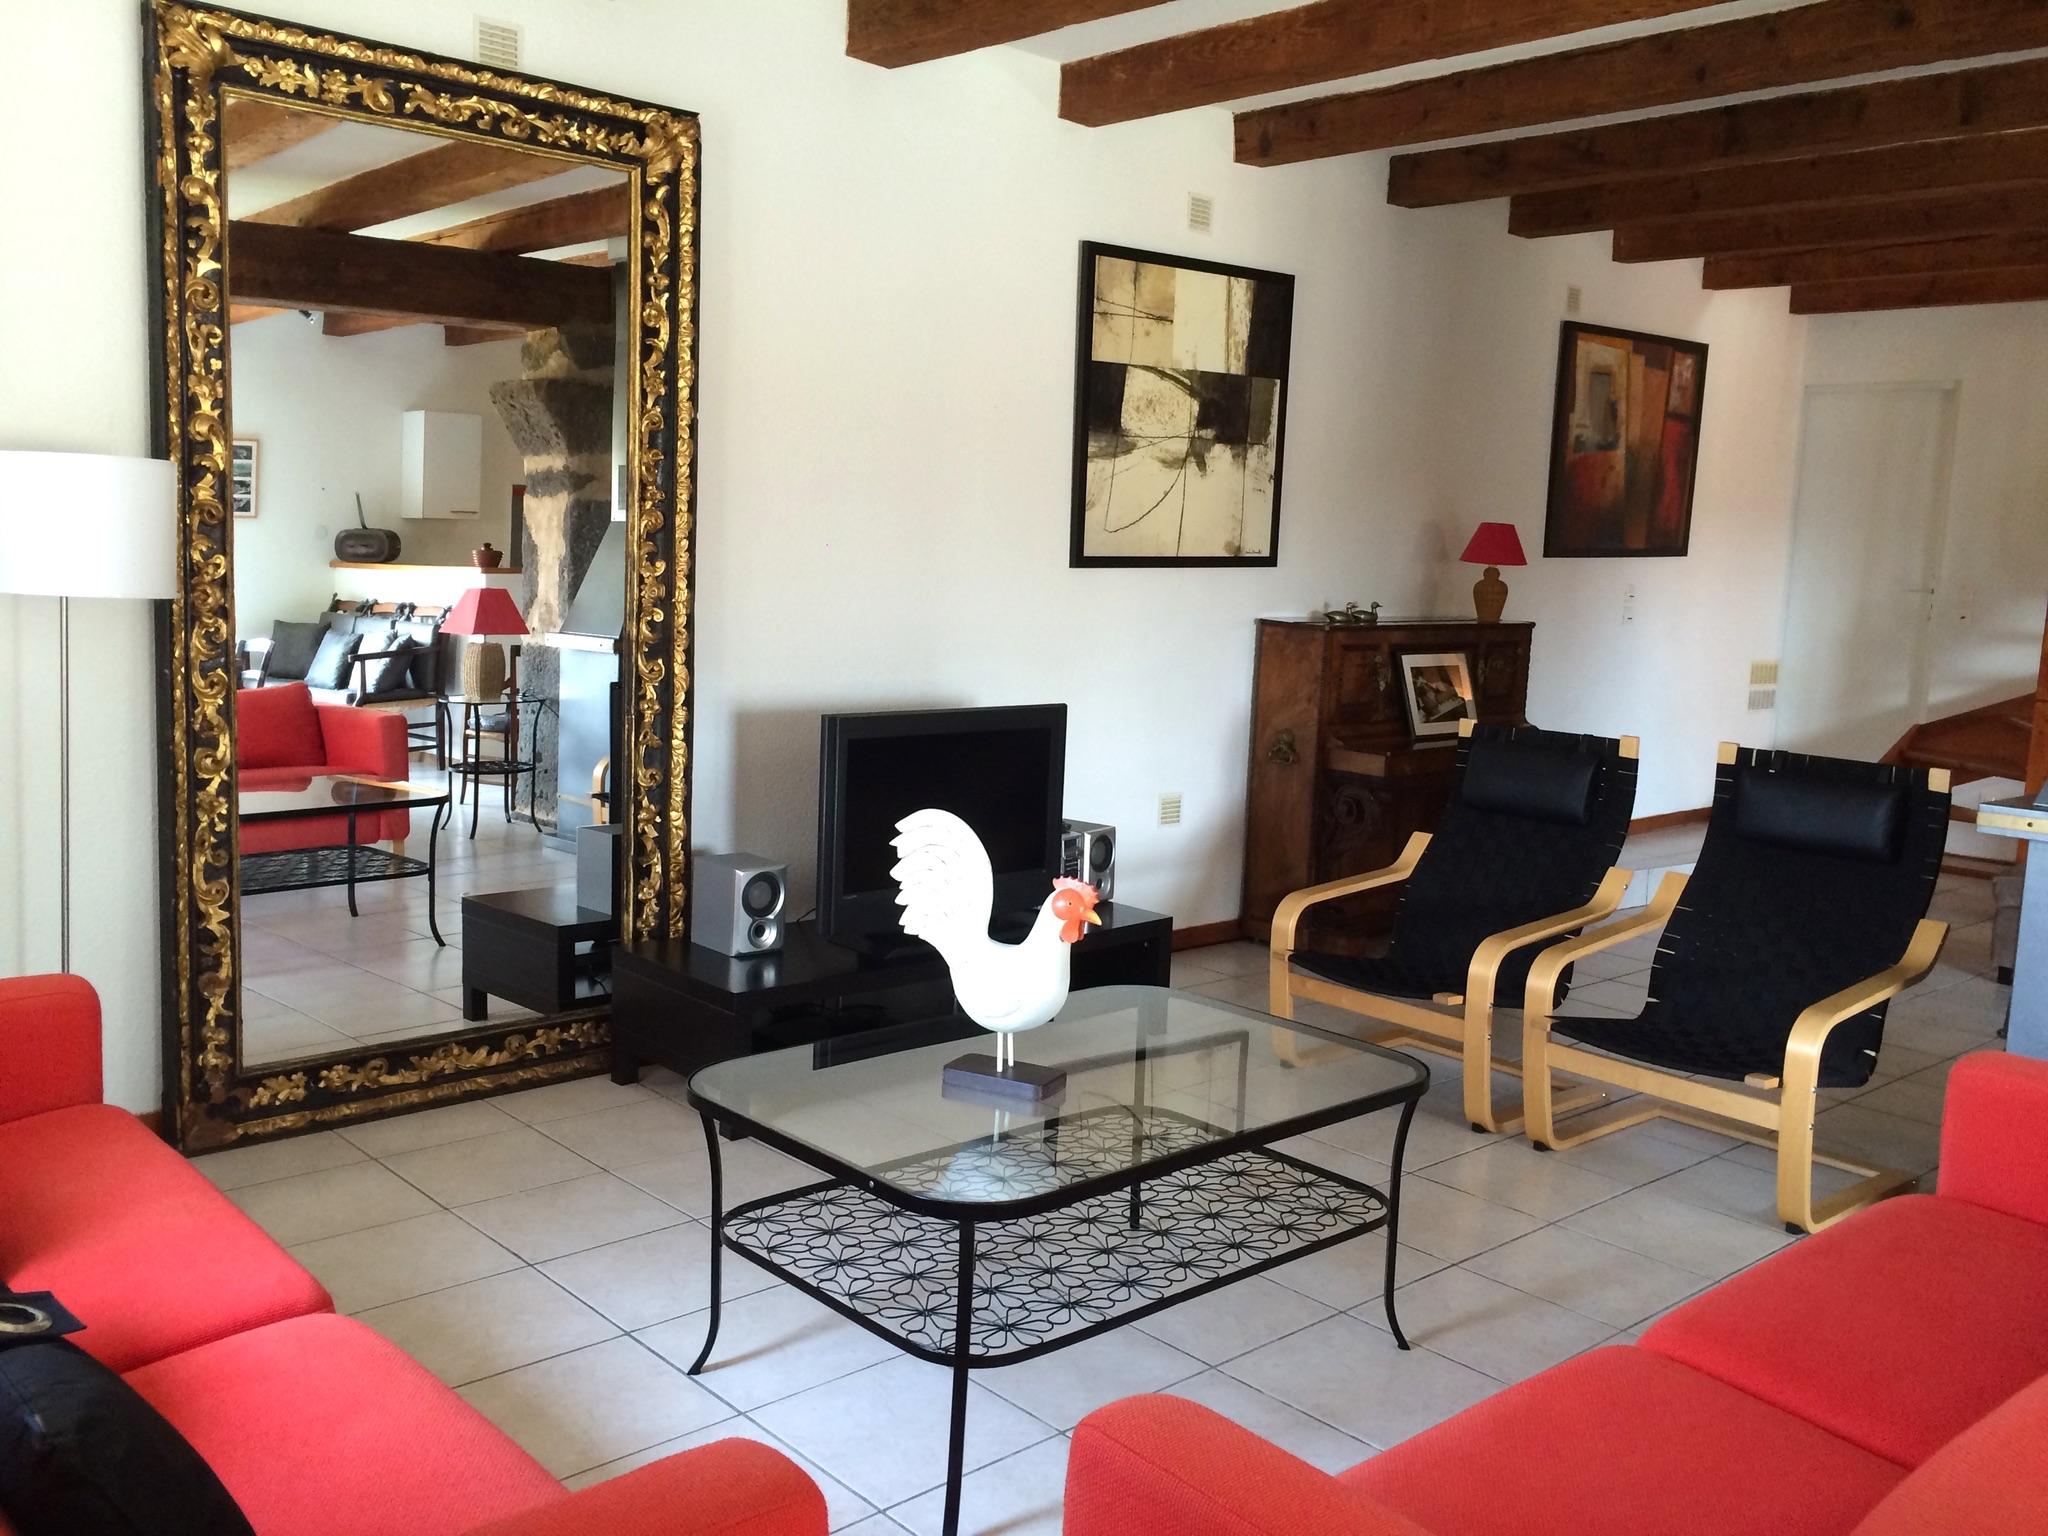 Ferienhaus Bauernhaus in der Languedoc-Roussillon mit Pool und üppigem Garten (2201002), Portiragnes, Mittelmeerküste Hérault, Languedoc-Roussillon, Frankreich, Bild 5